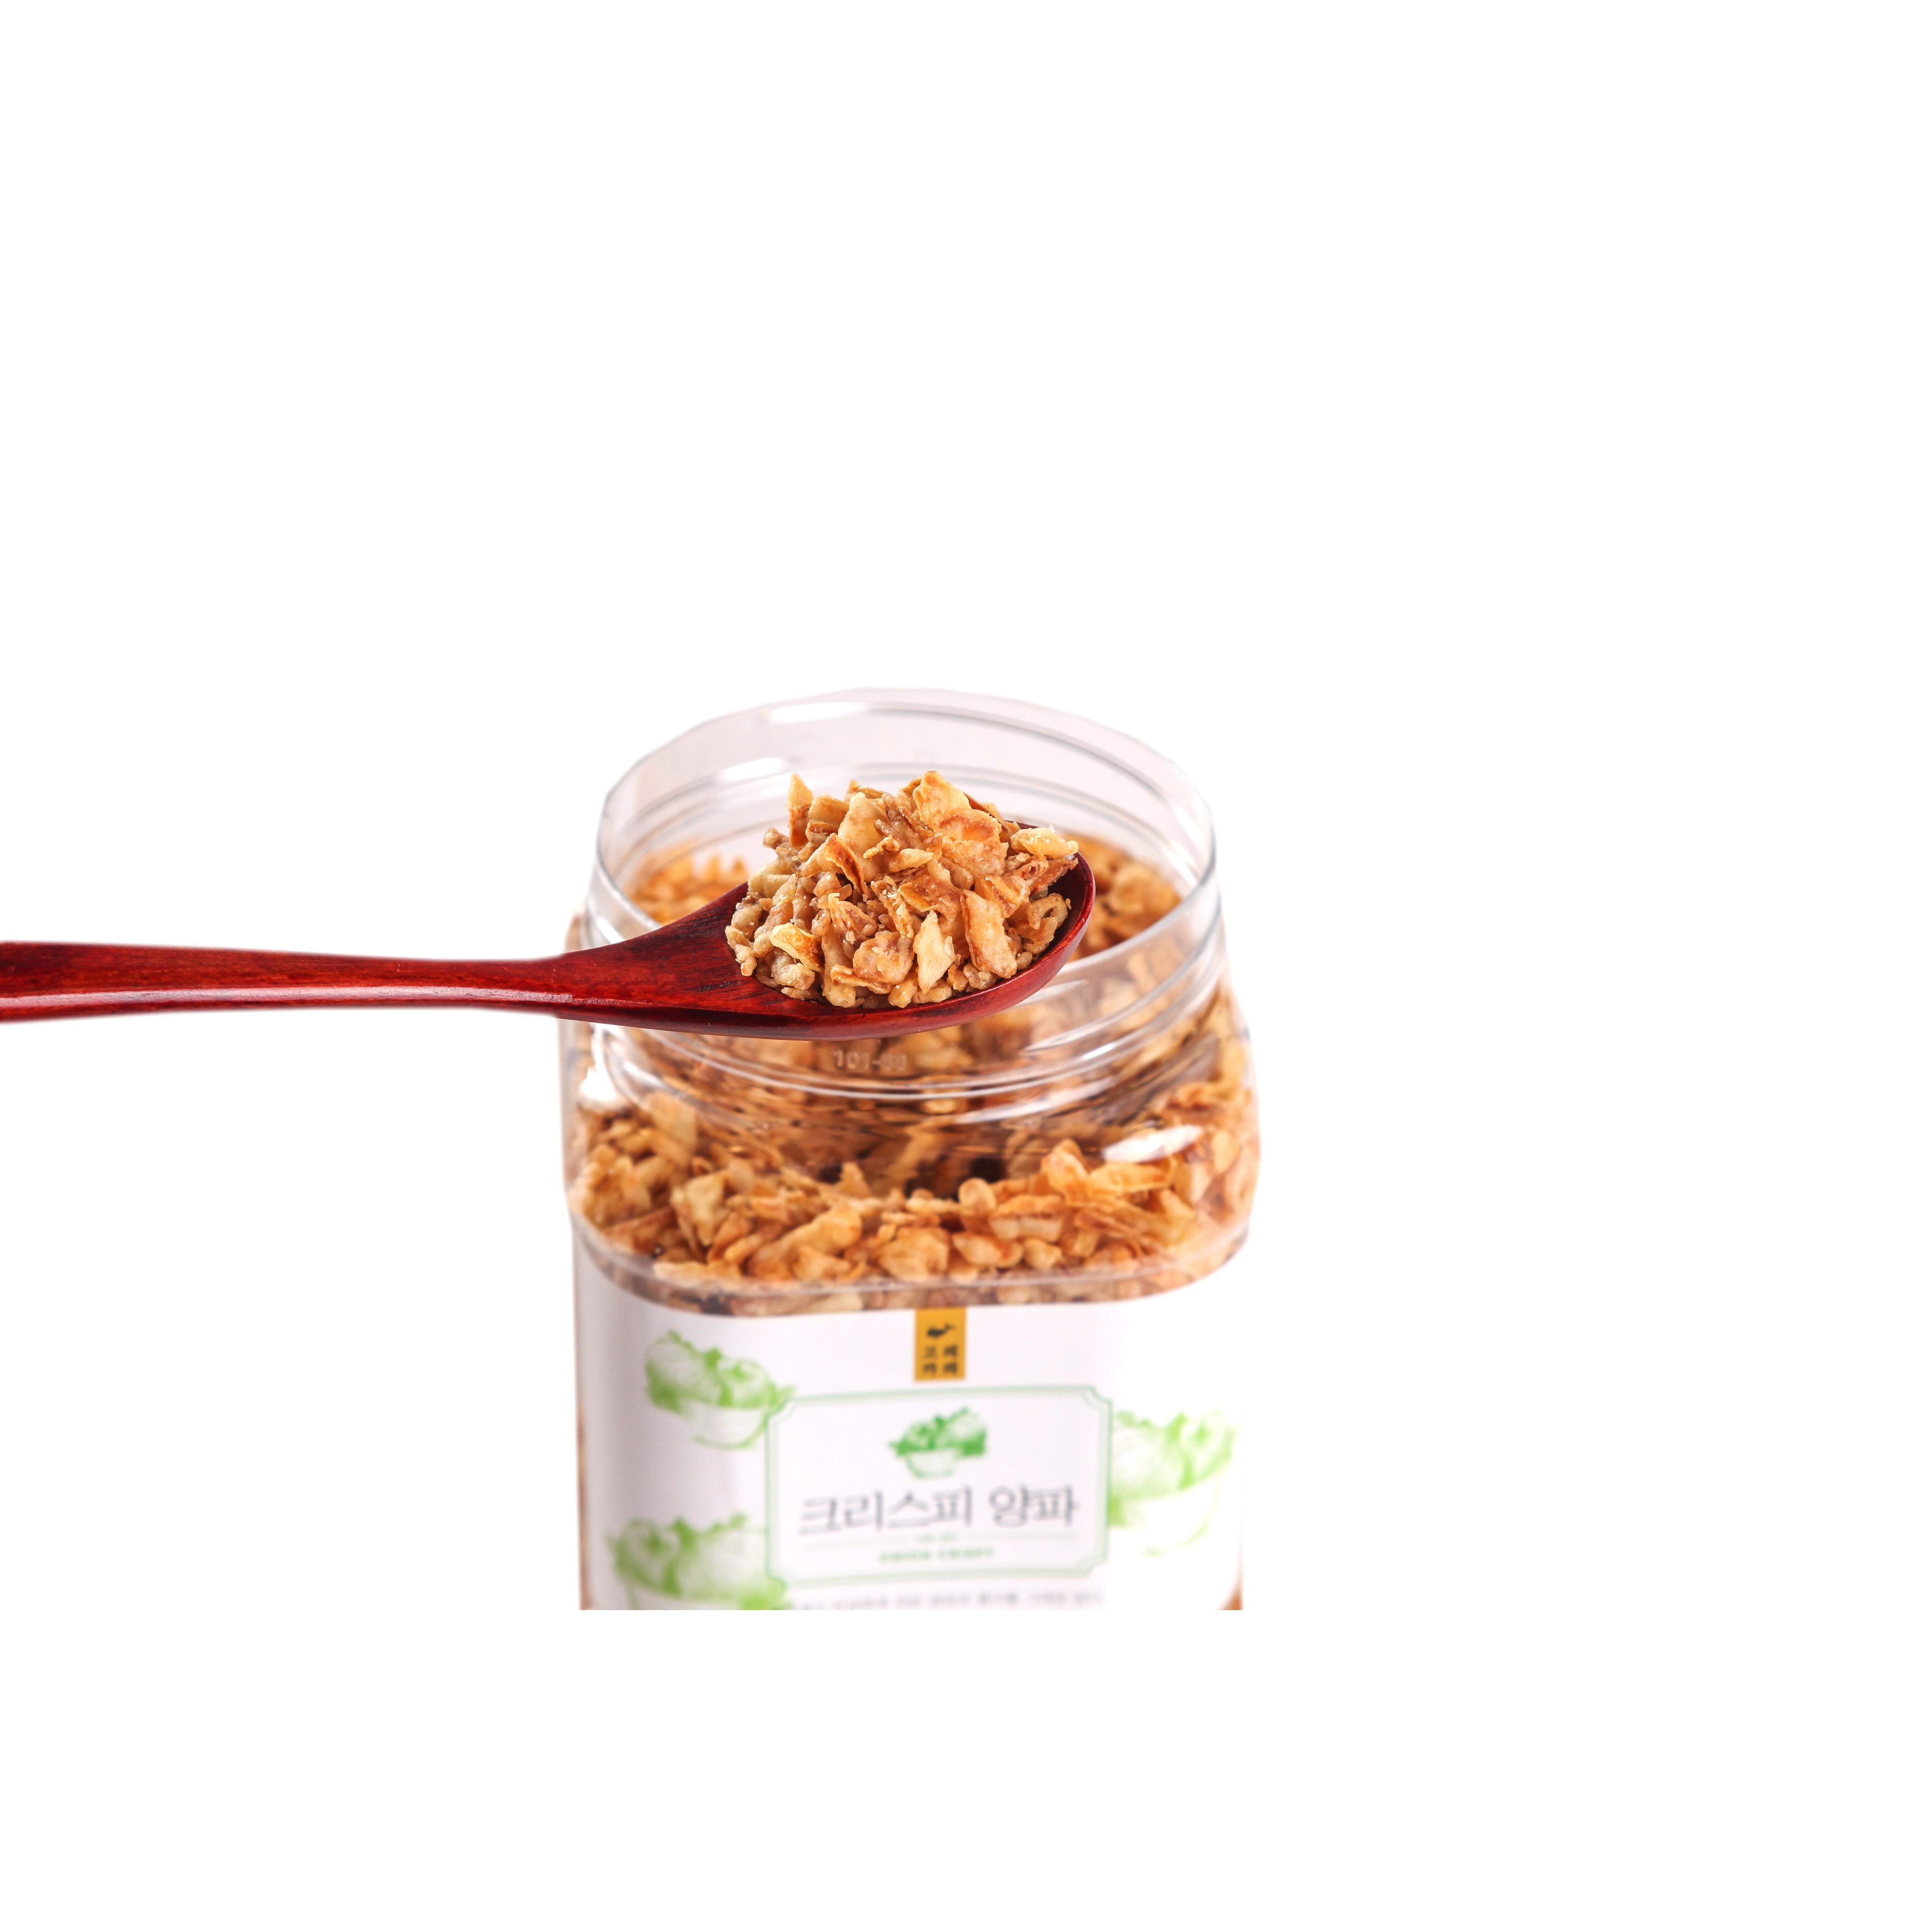 카레전문점 주문생산 양파후레이크 크리스피어니언 튀긴양파 크리스피양파 1개 500g (양파 80% 함유)